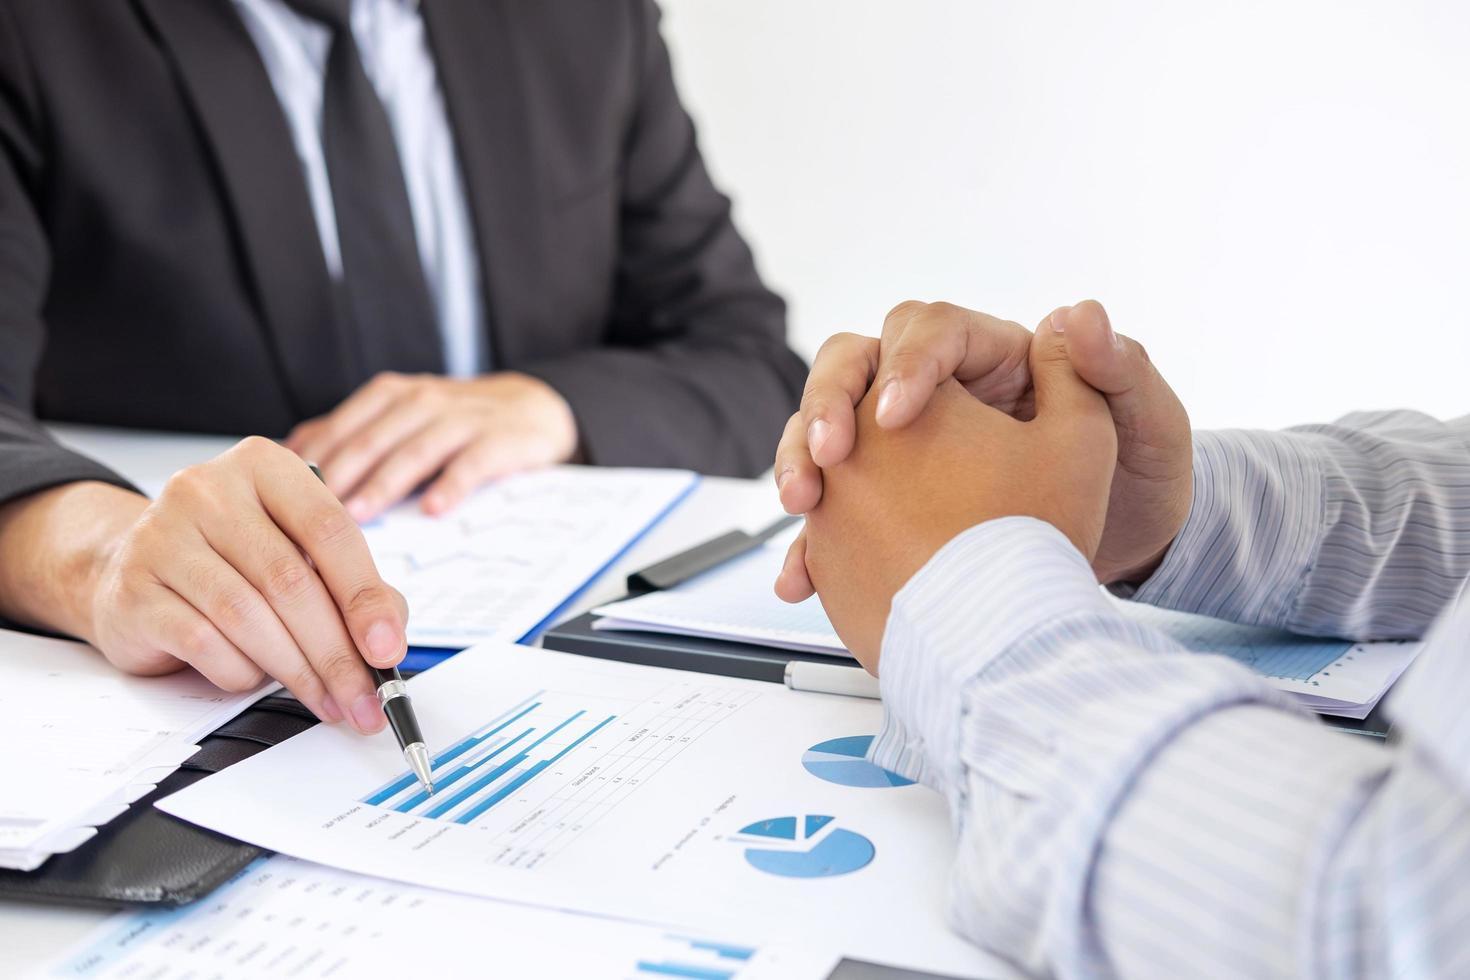 deux personnes discutent du business plan photo